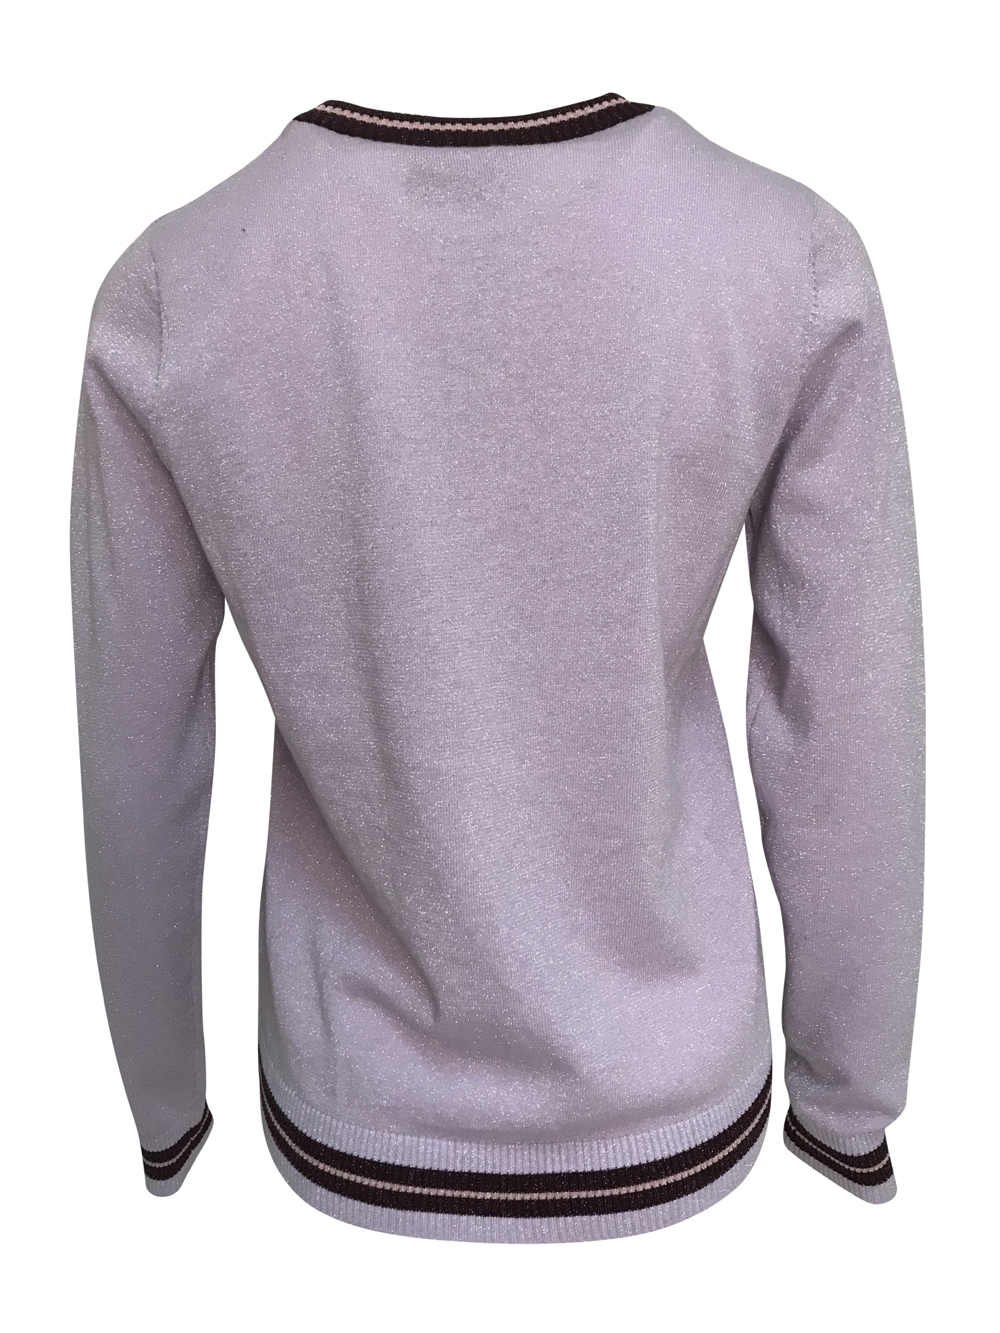 neo-noir-raven-blouse-lavender-1